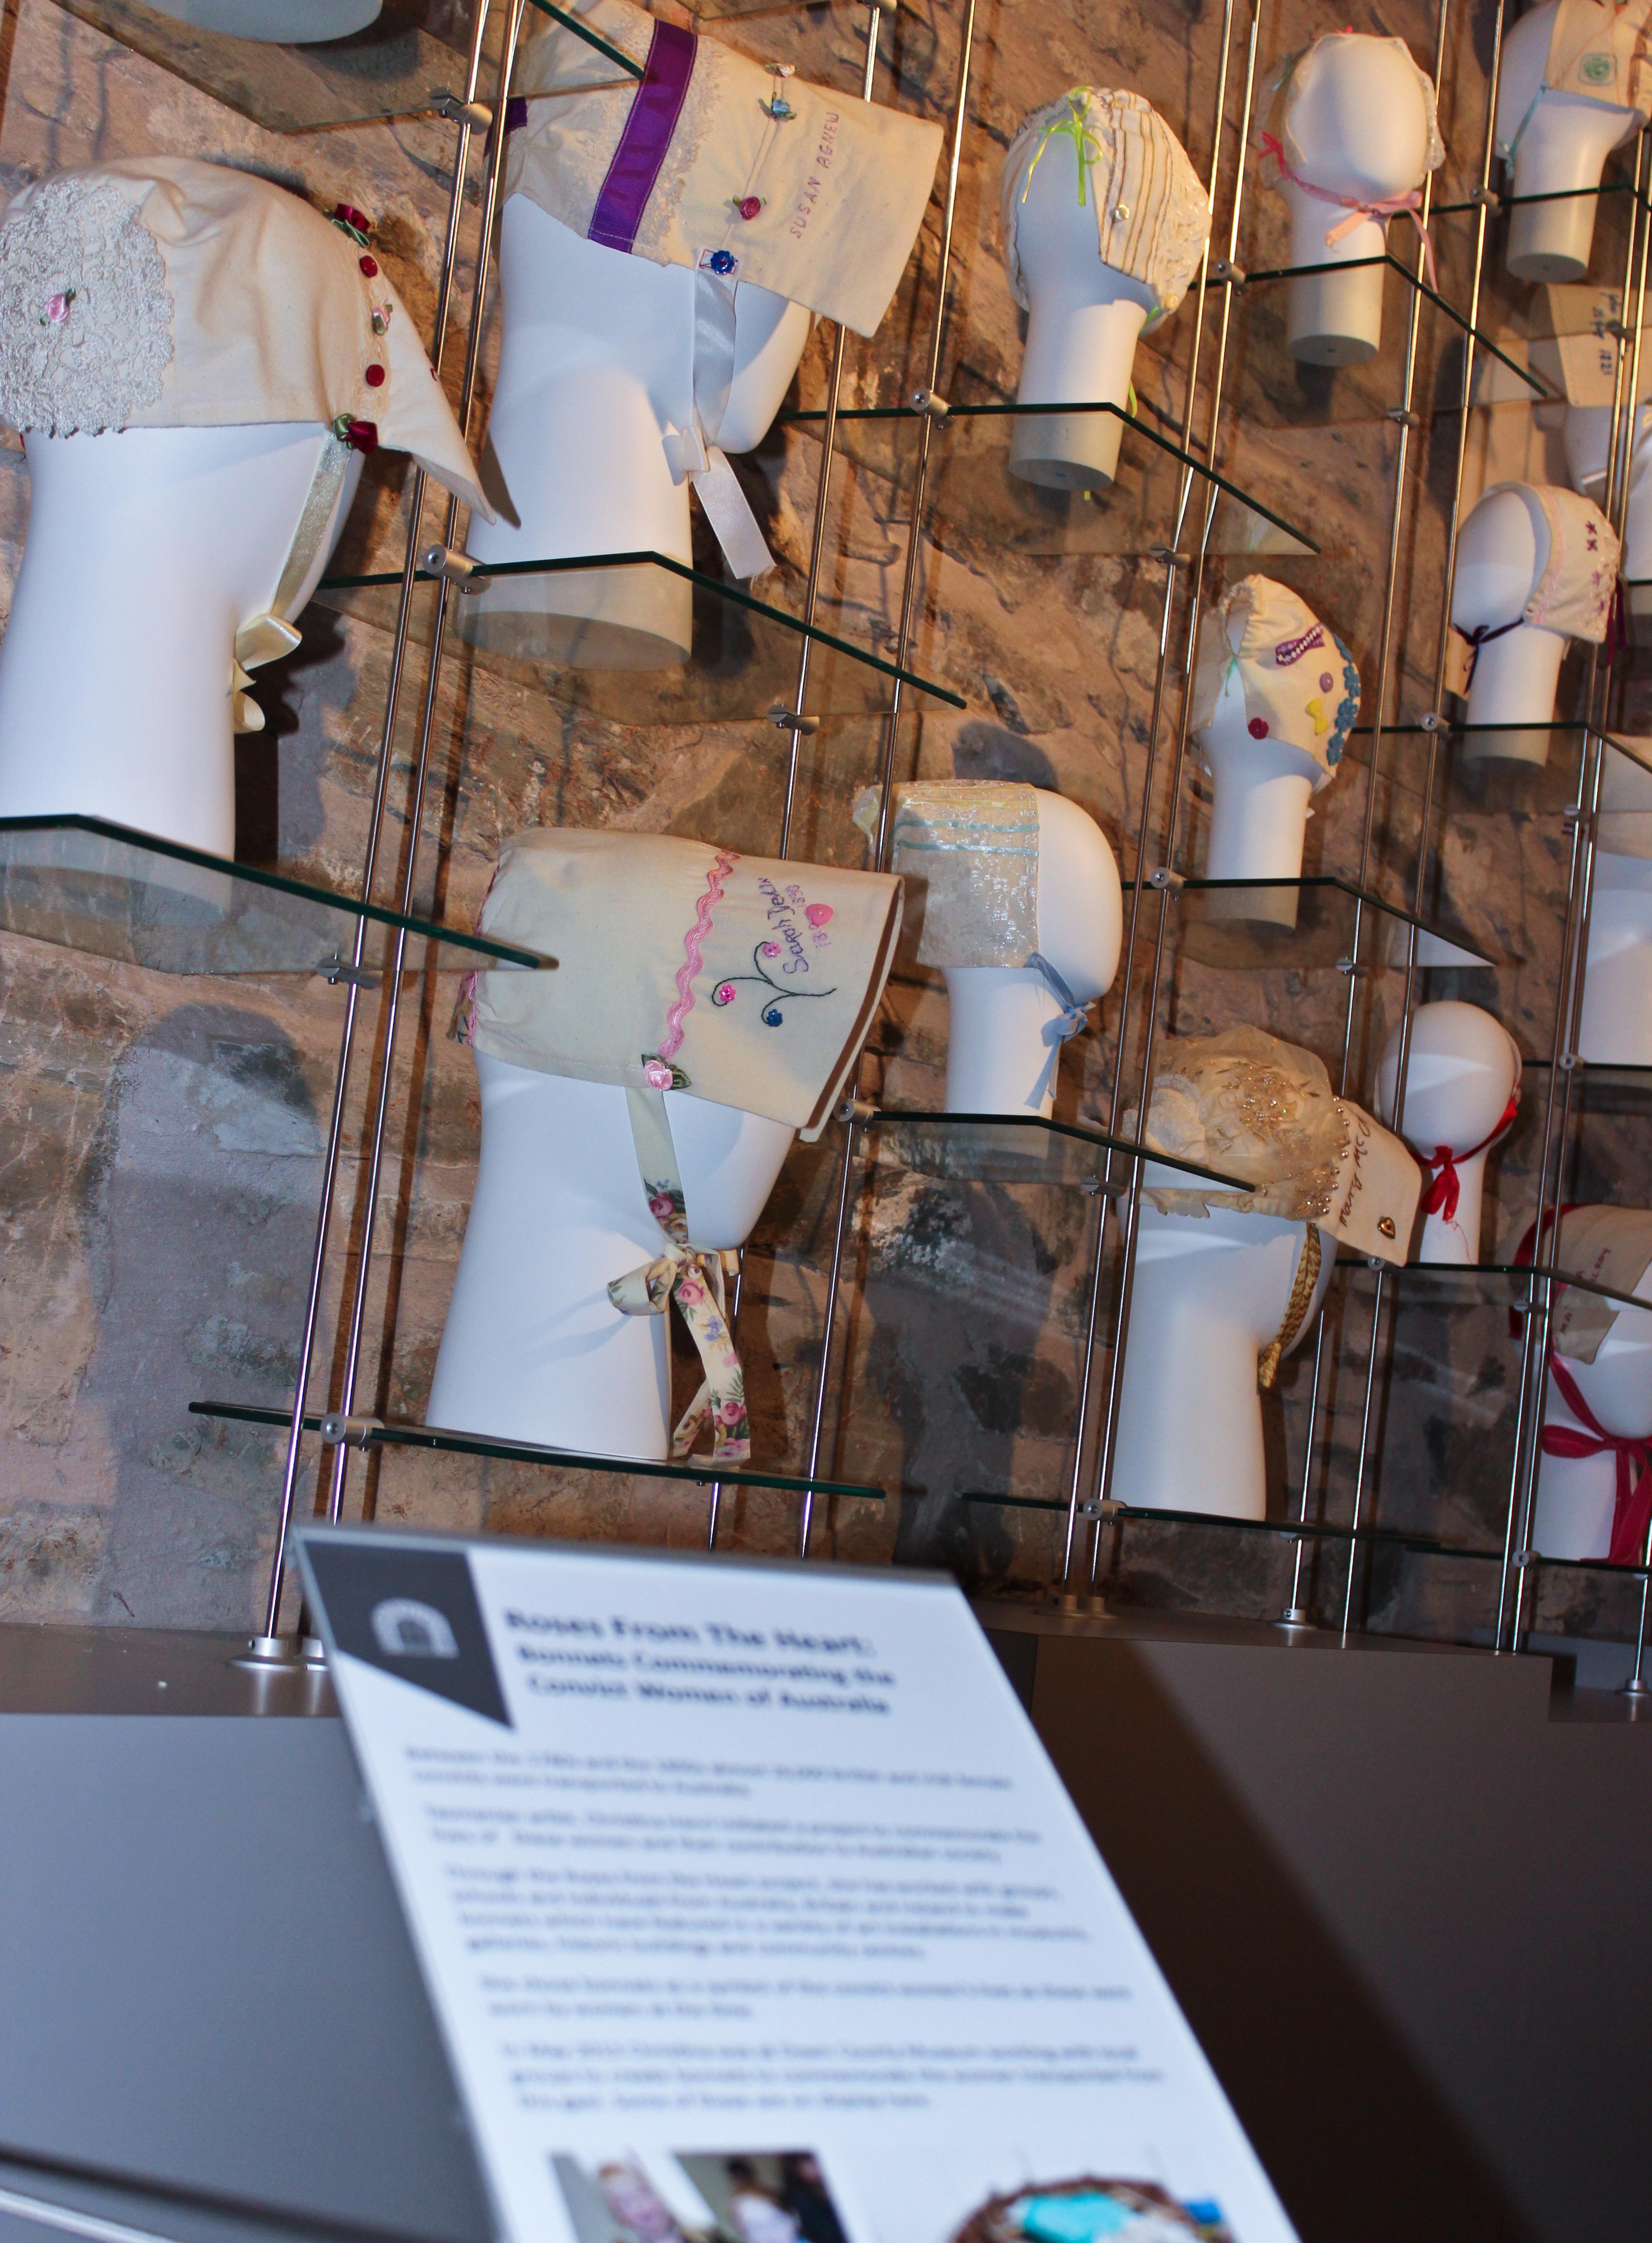 Downpatrick Museum 2